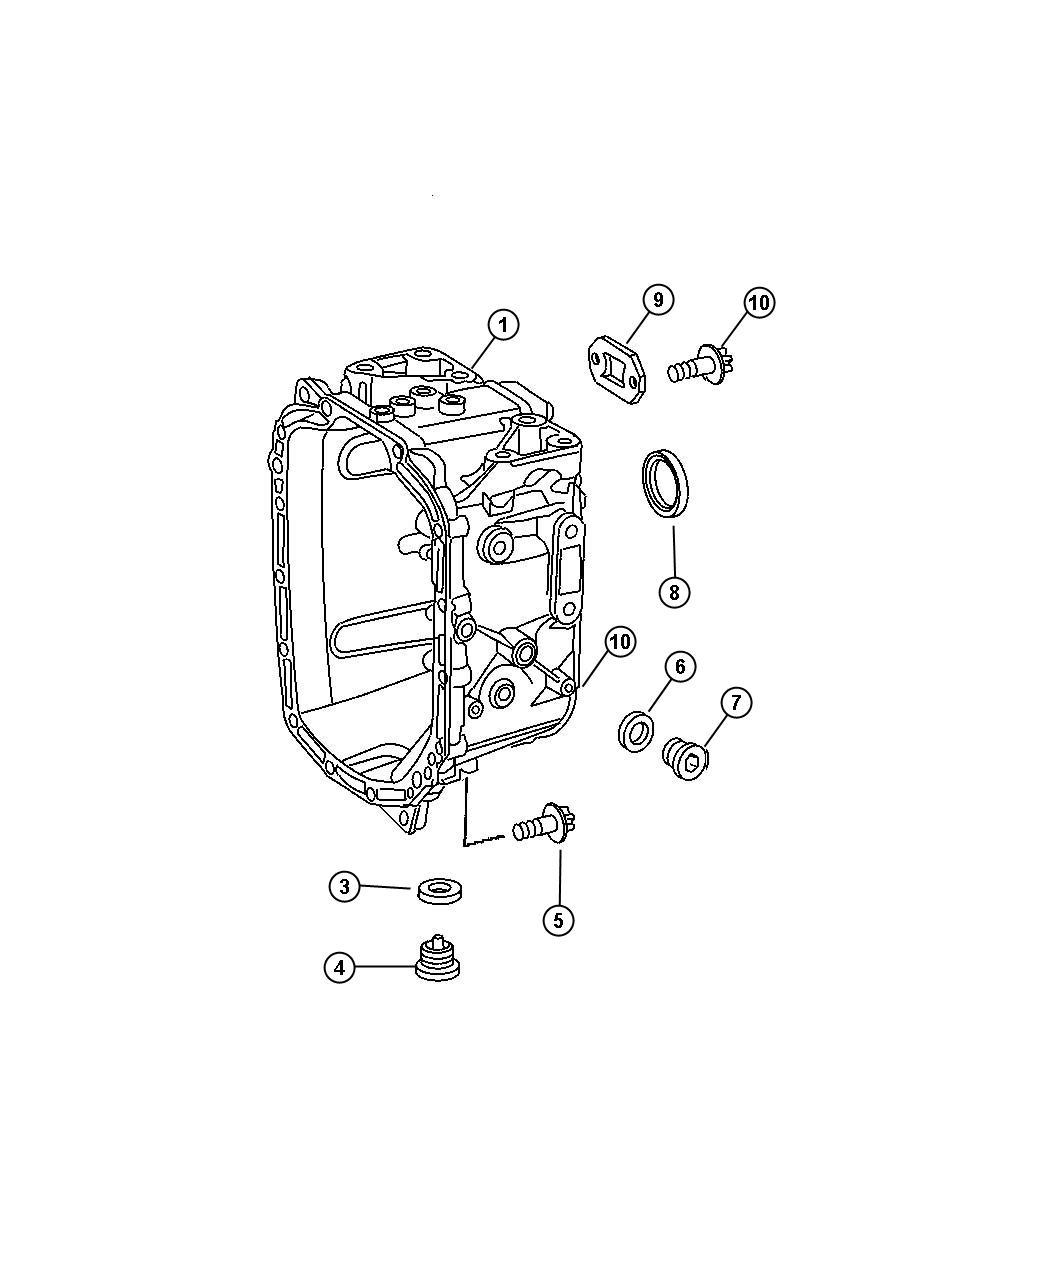 G56 Manual Transmission Diagram. 2008 dodge ram 3500 shaft